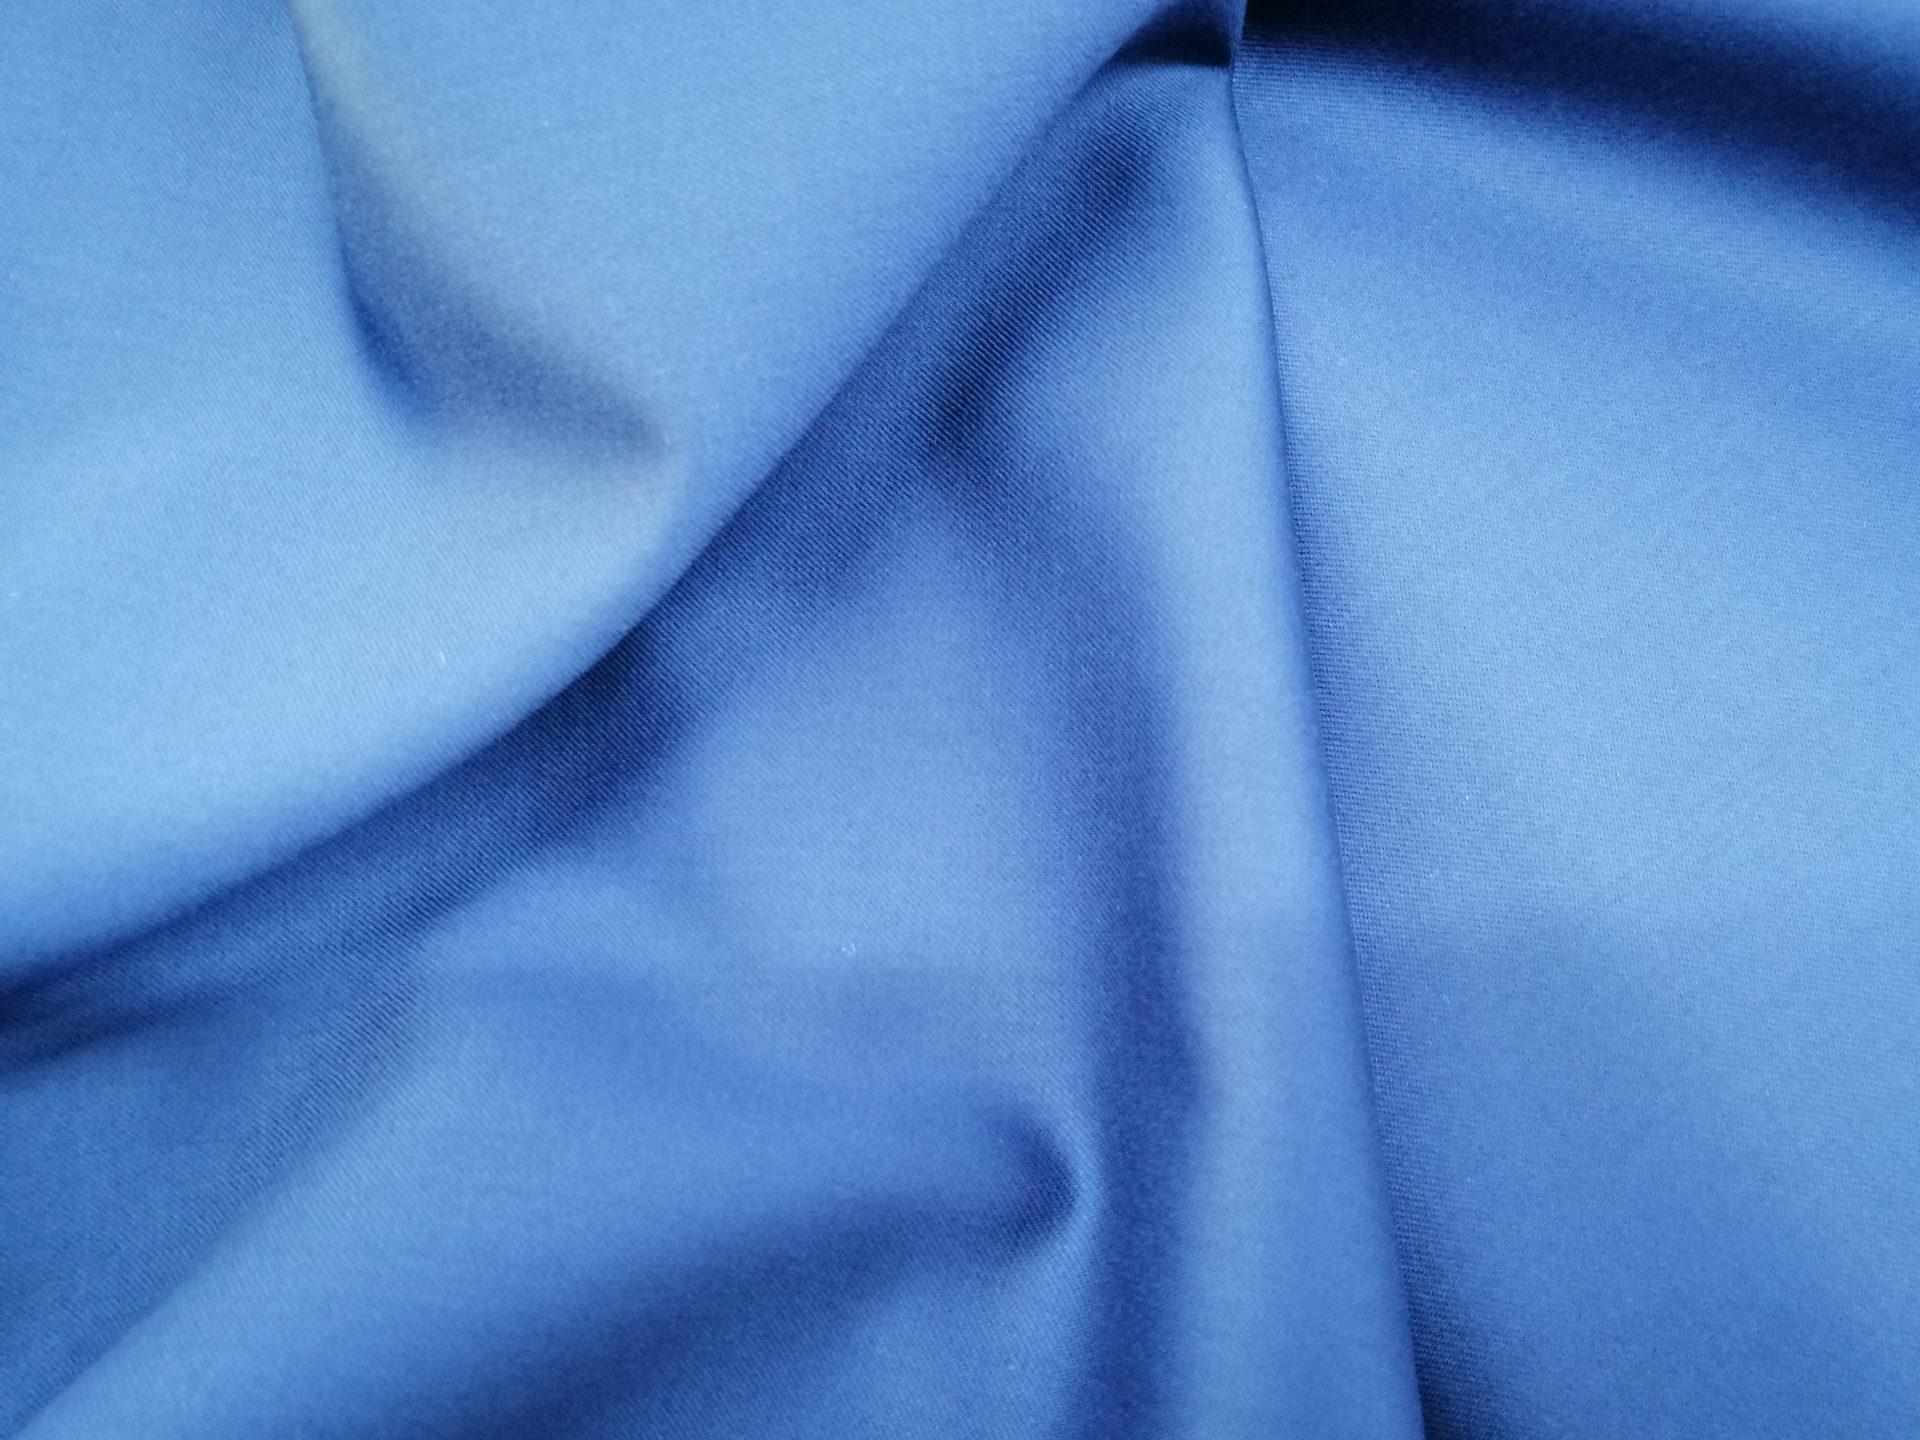 il particolare del tessuto tasmania986000, appartenente alla categoria uniti lana, di Leadford & Logan